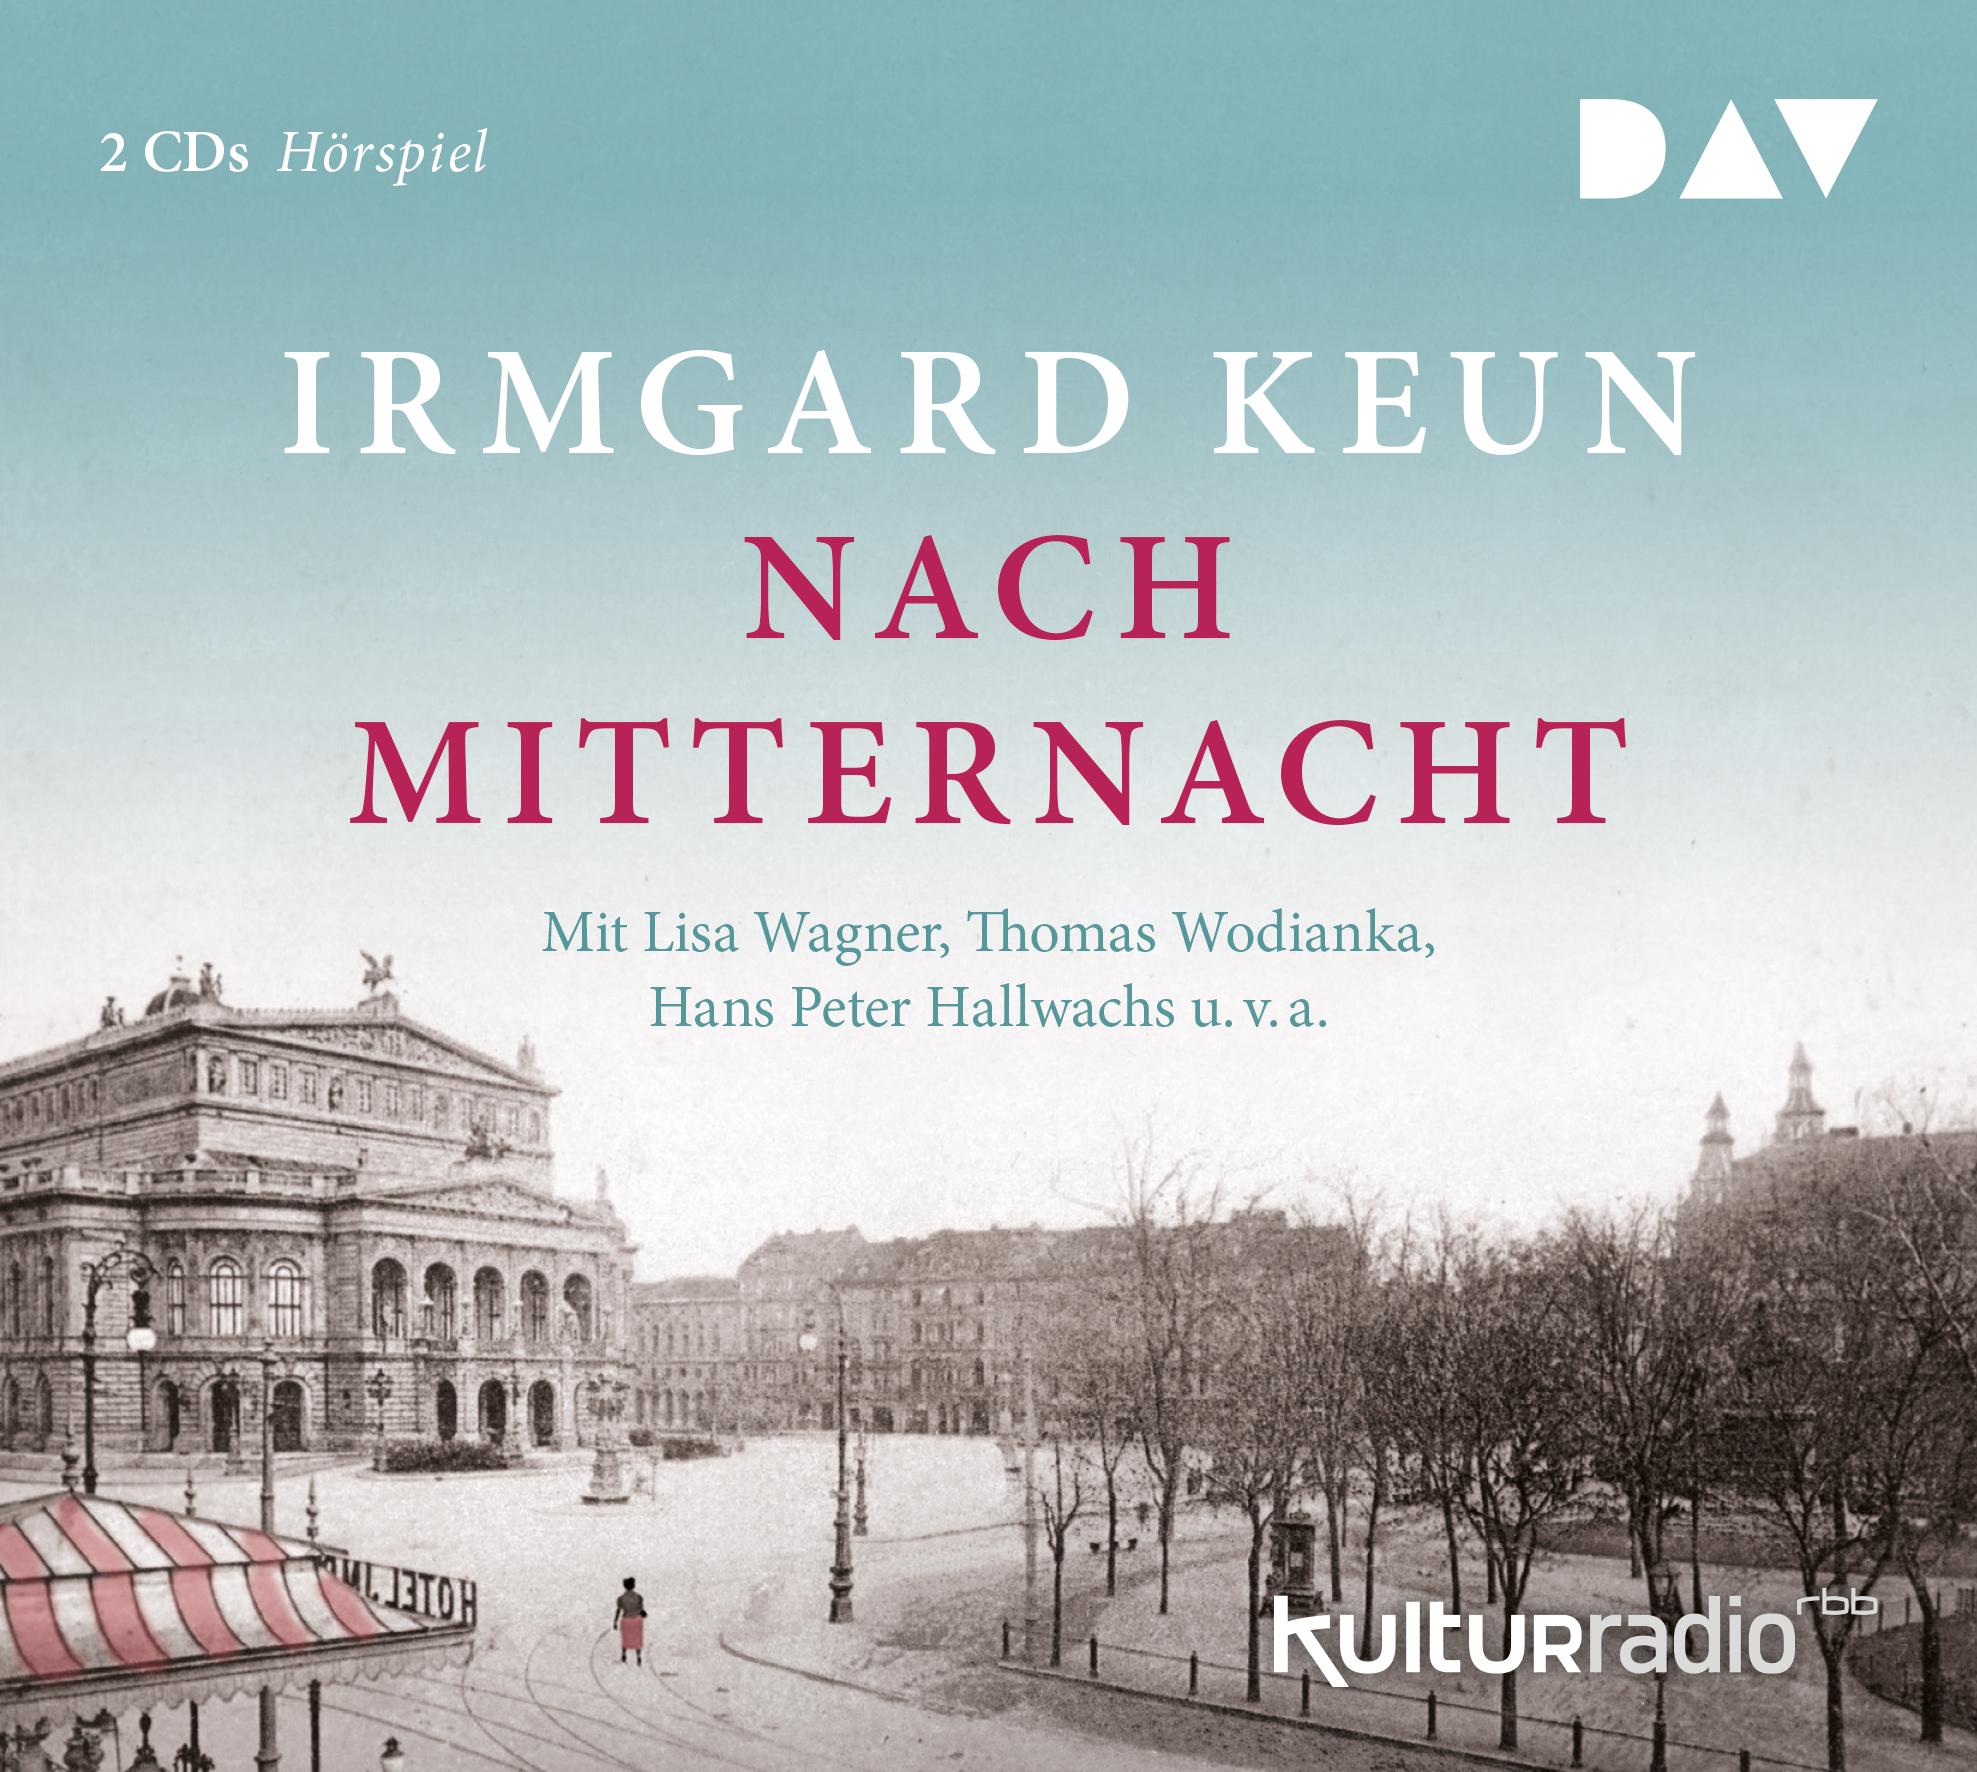 """Gratis / Kostenlos: DAV-Hörspiel """"Nach Mitternacht"""" nach Irmgard Keun als mp3-Download beim SWR"""